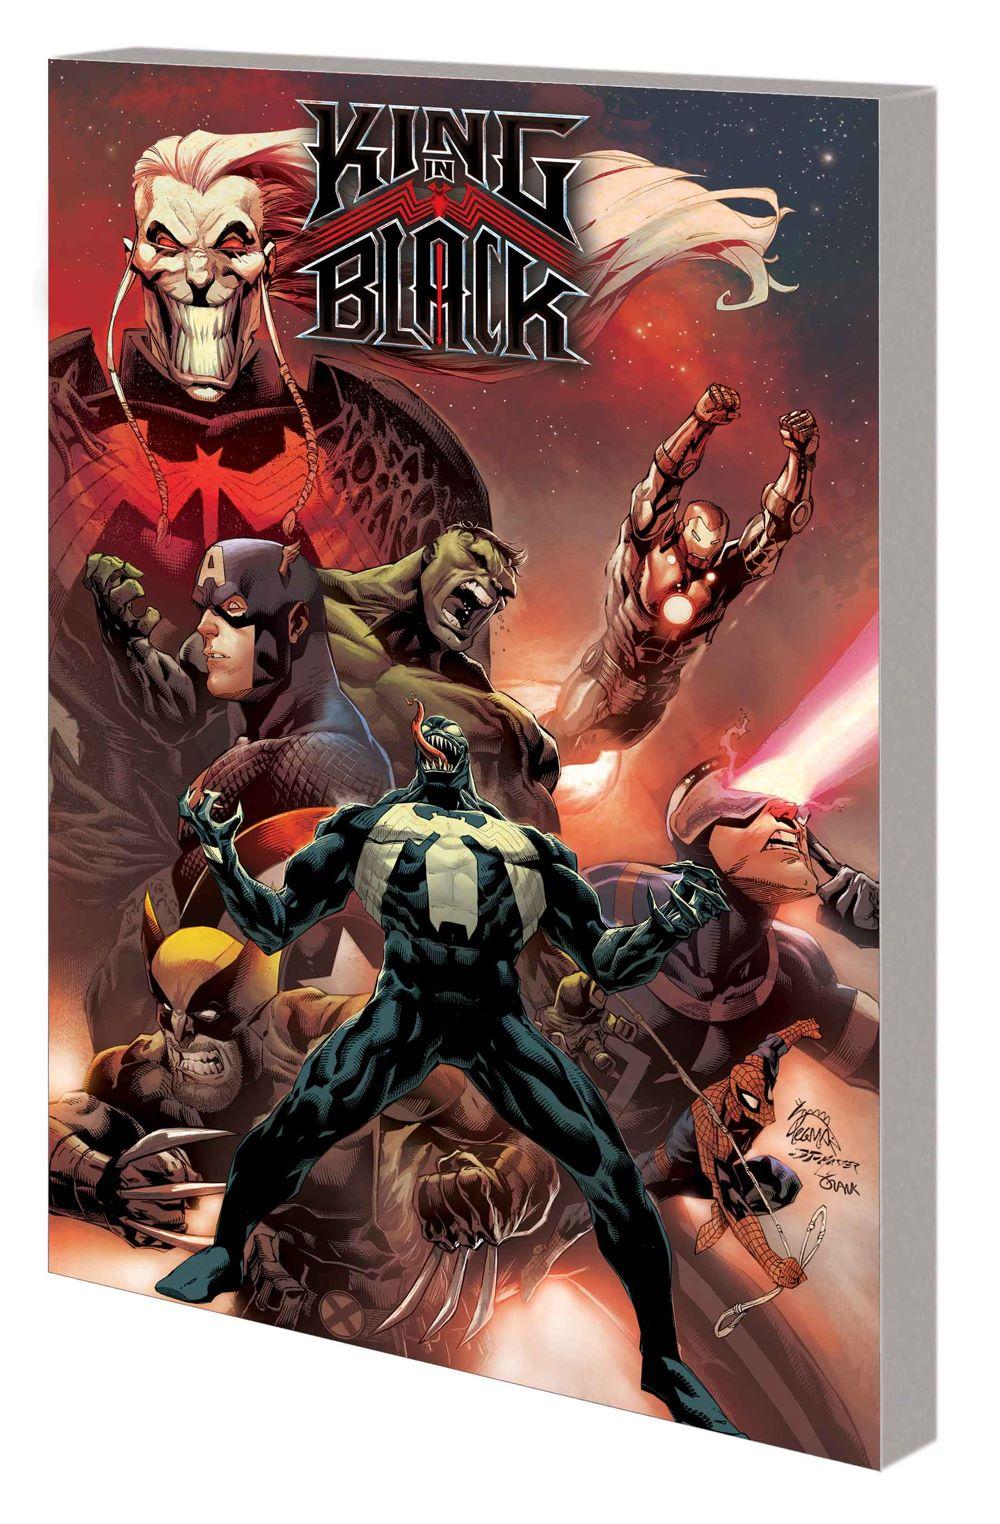 KINGINBLACK_TPB Marvel Comics June 2021 Solicitations